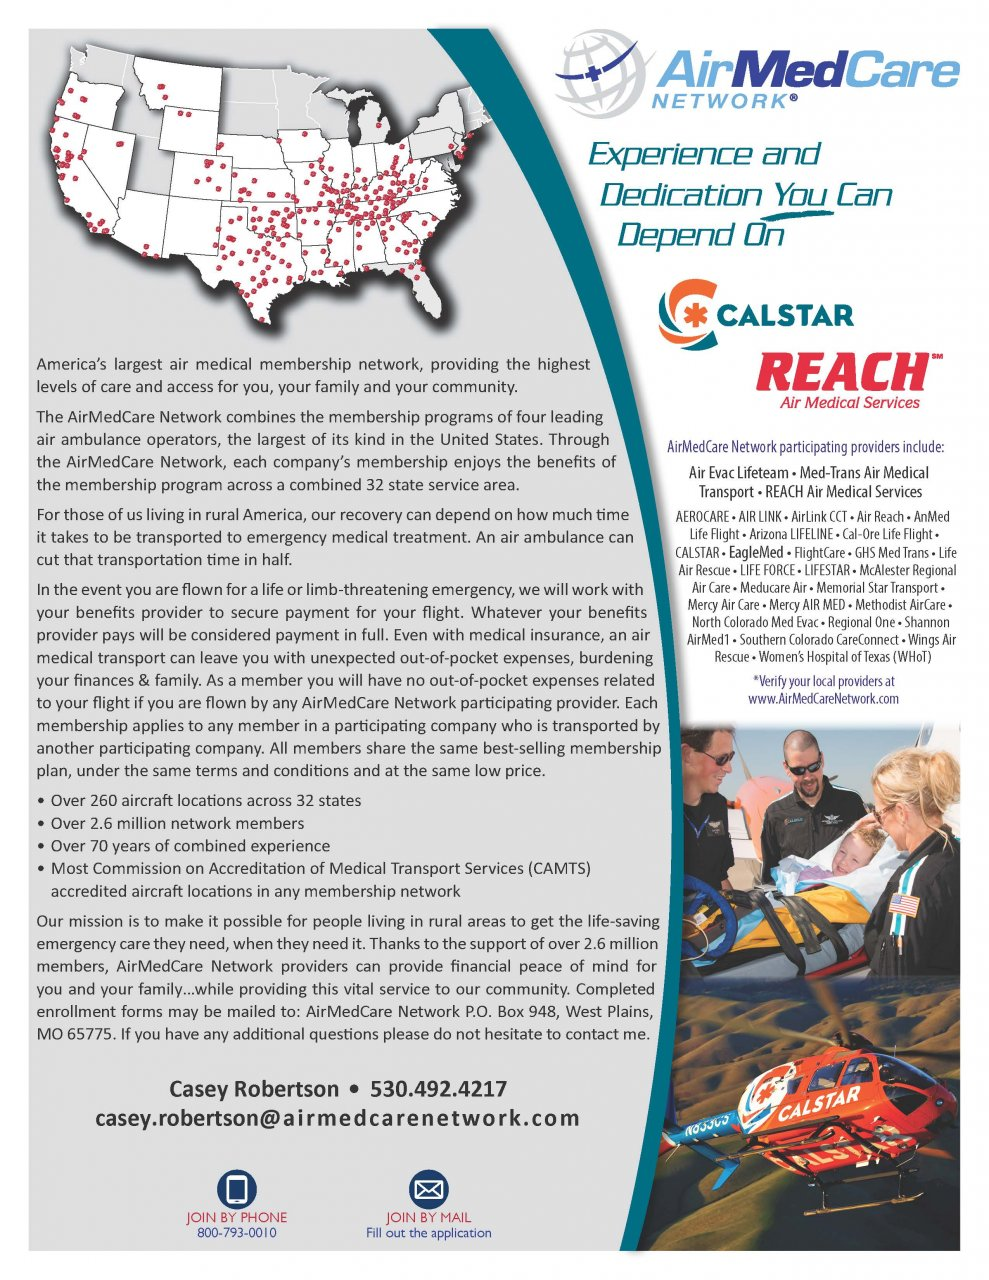 CALSTAR REACH Quick Facts Flyer CR.jpg